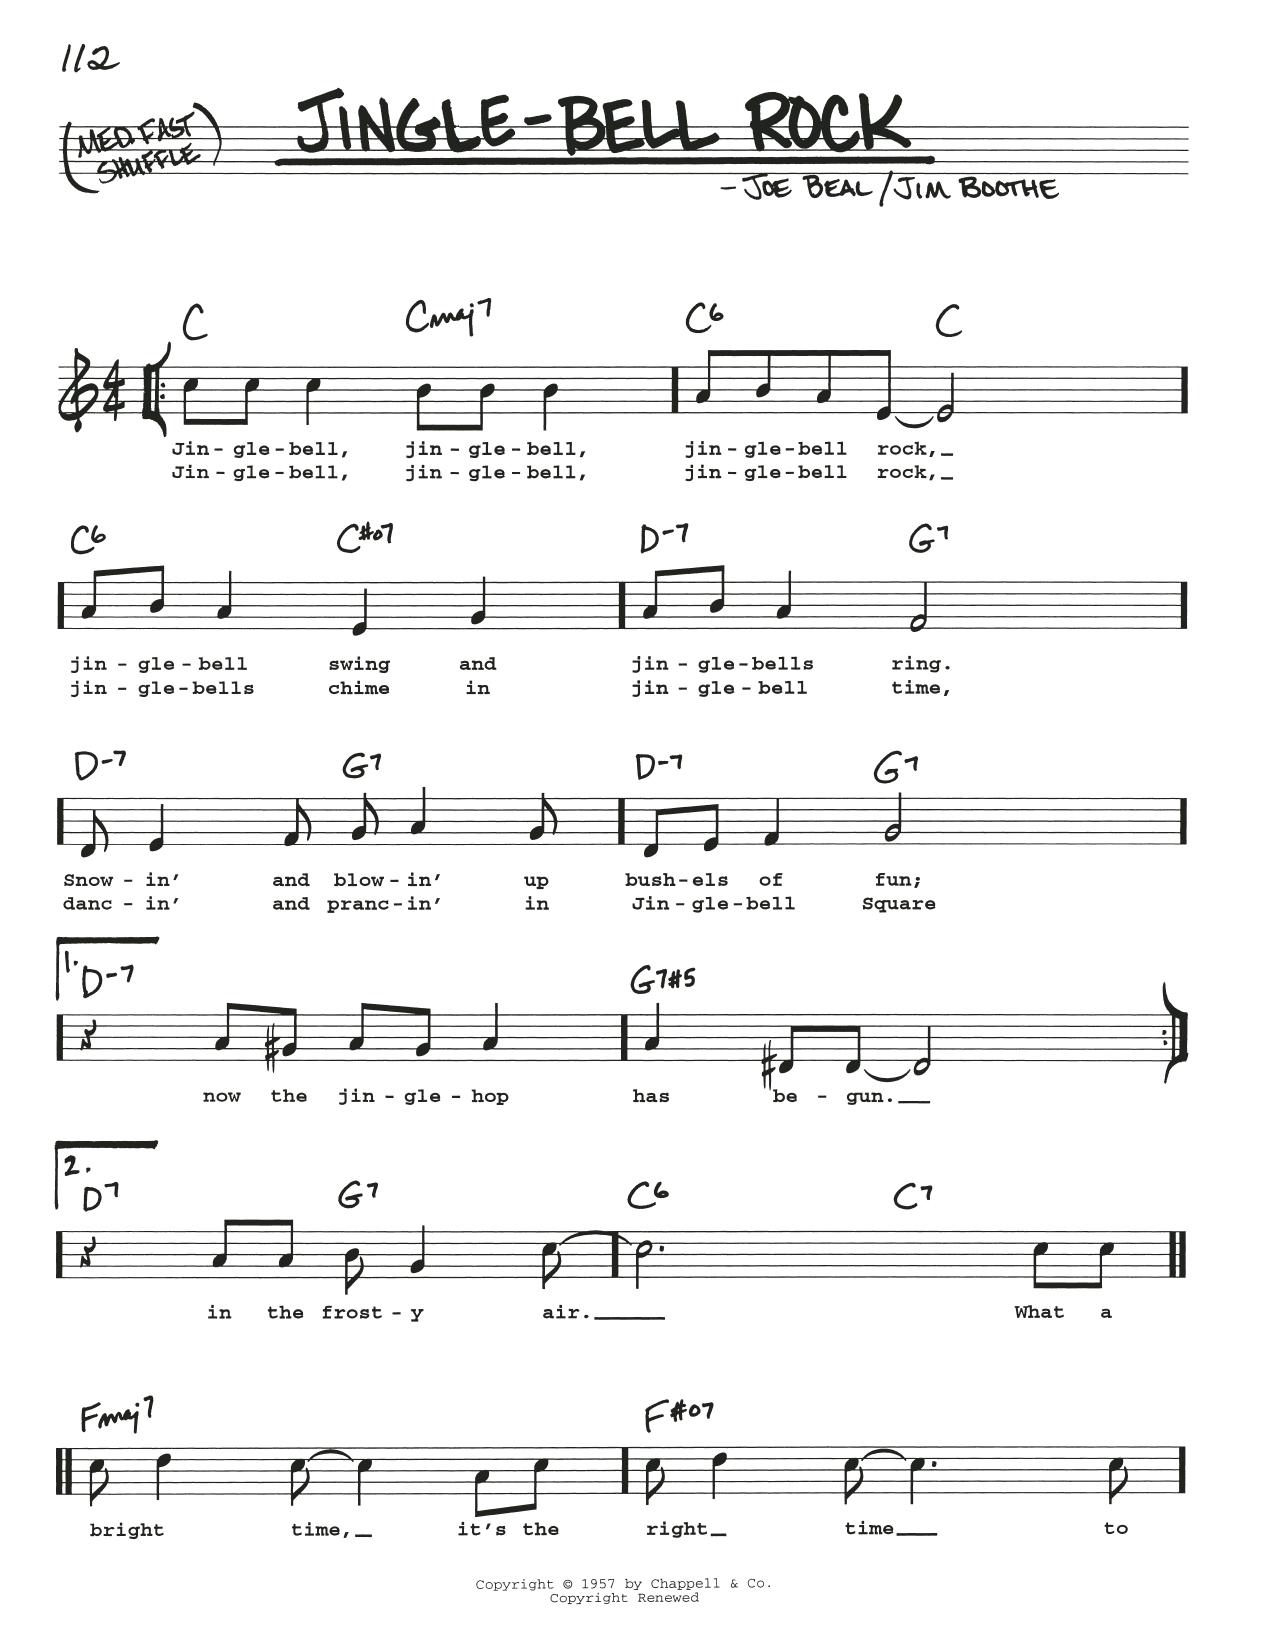 Jingle Bell Rock Partituras Jim Boothe Real Book Línea De Melodía Letras Y Acordes Letras Y Acordes Partituras Partituras Digitales